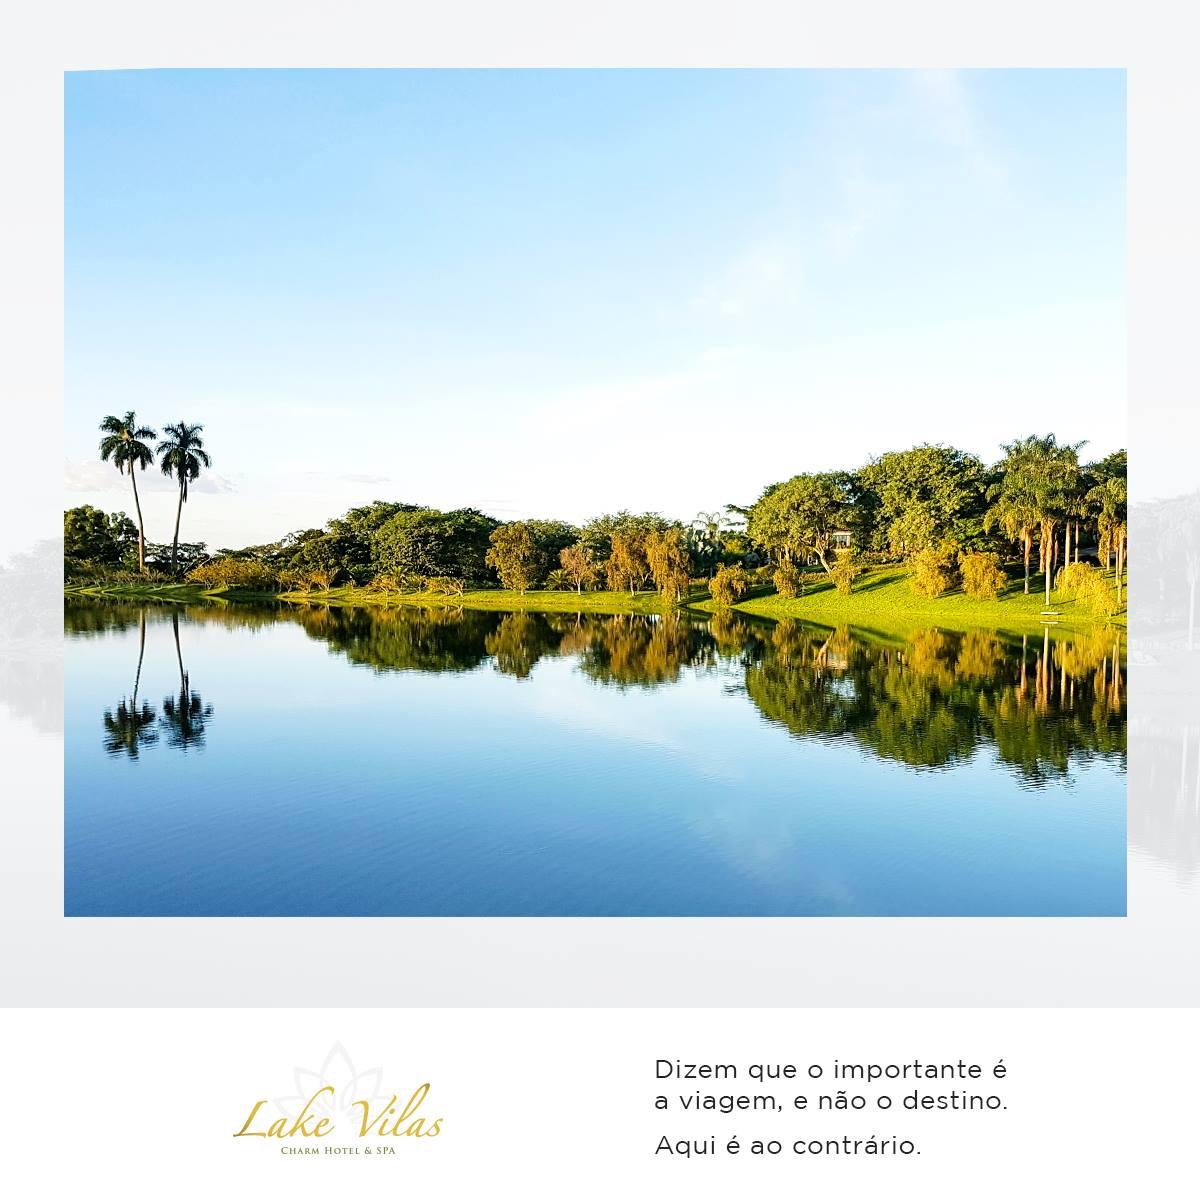 Lake Vilas